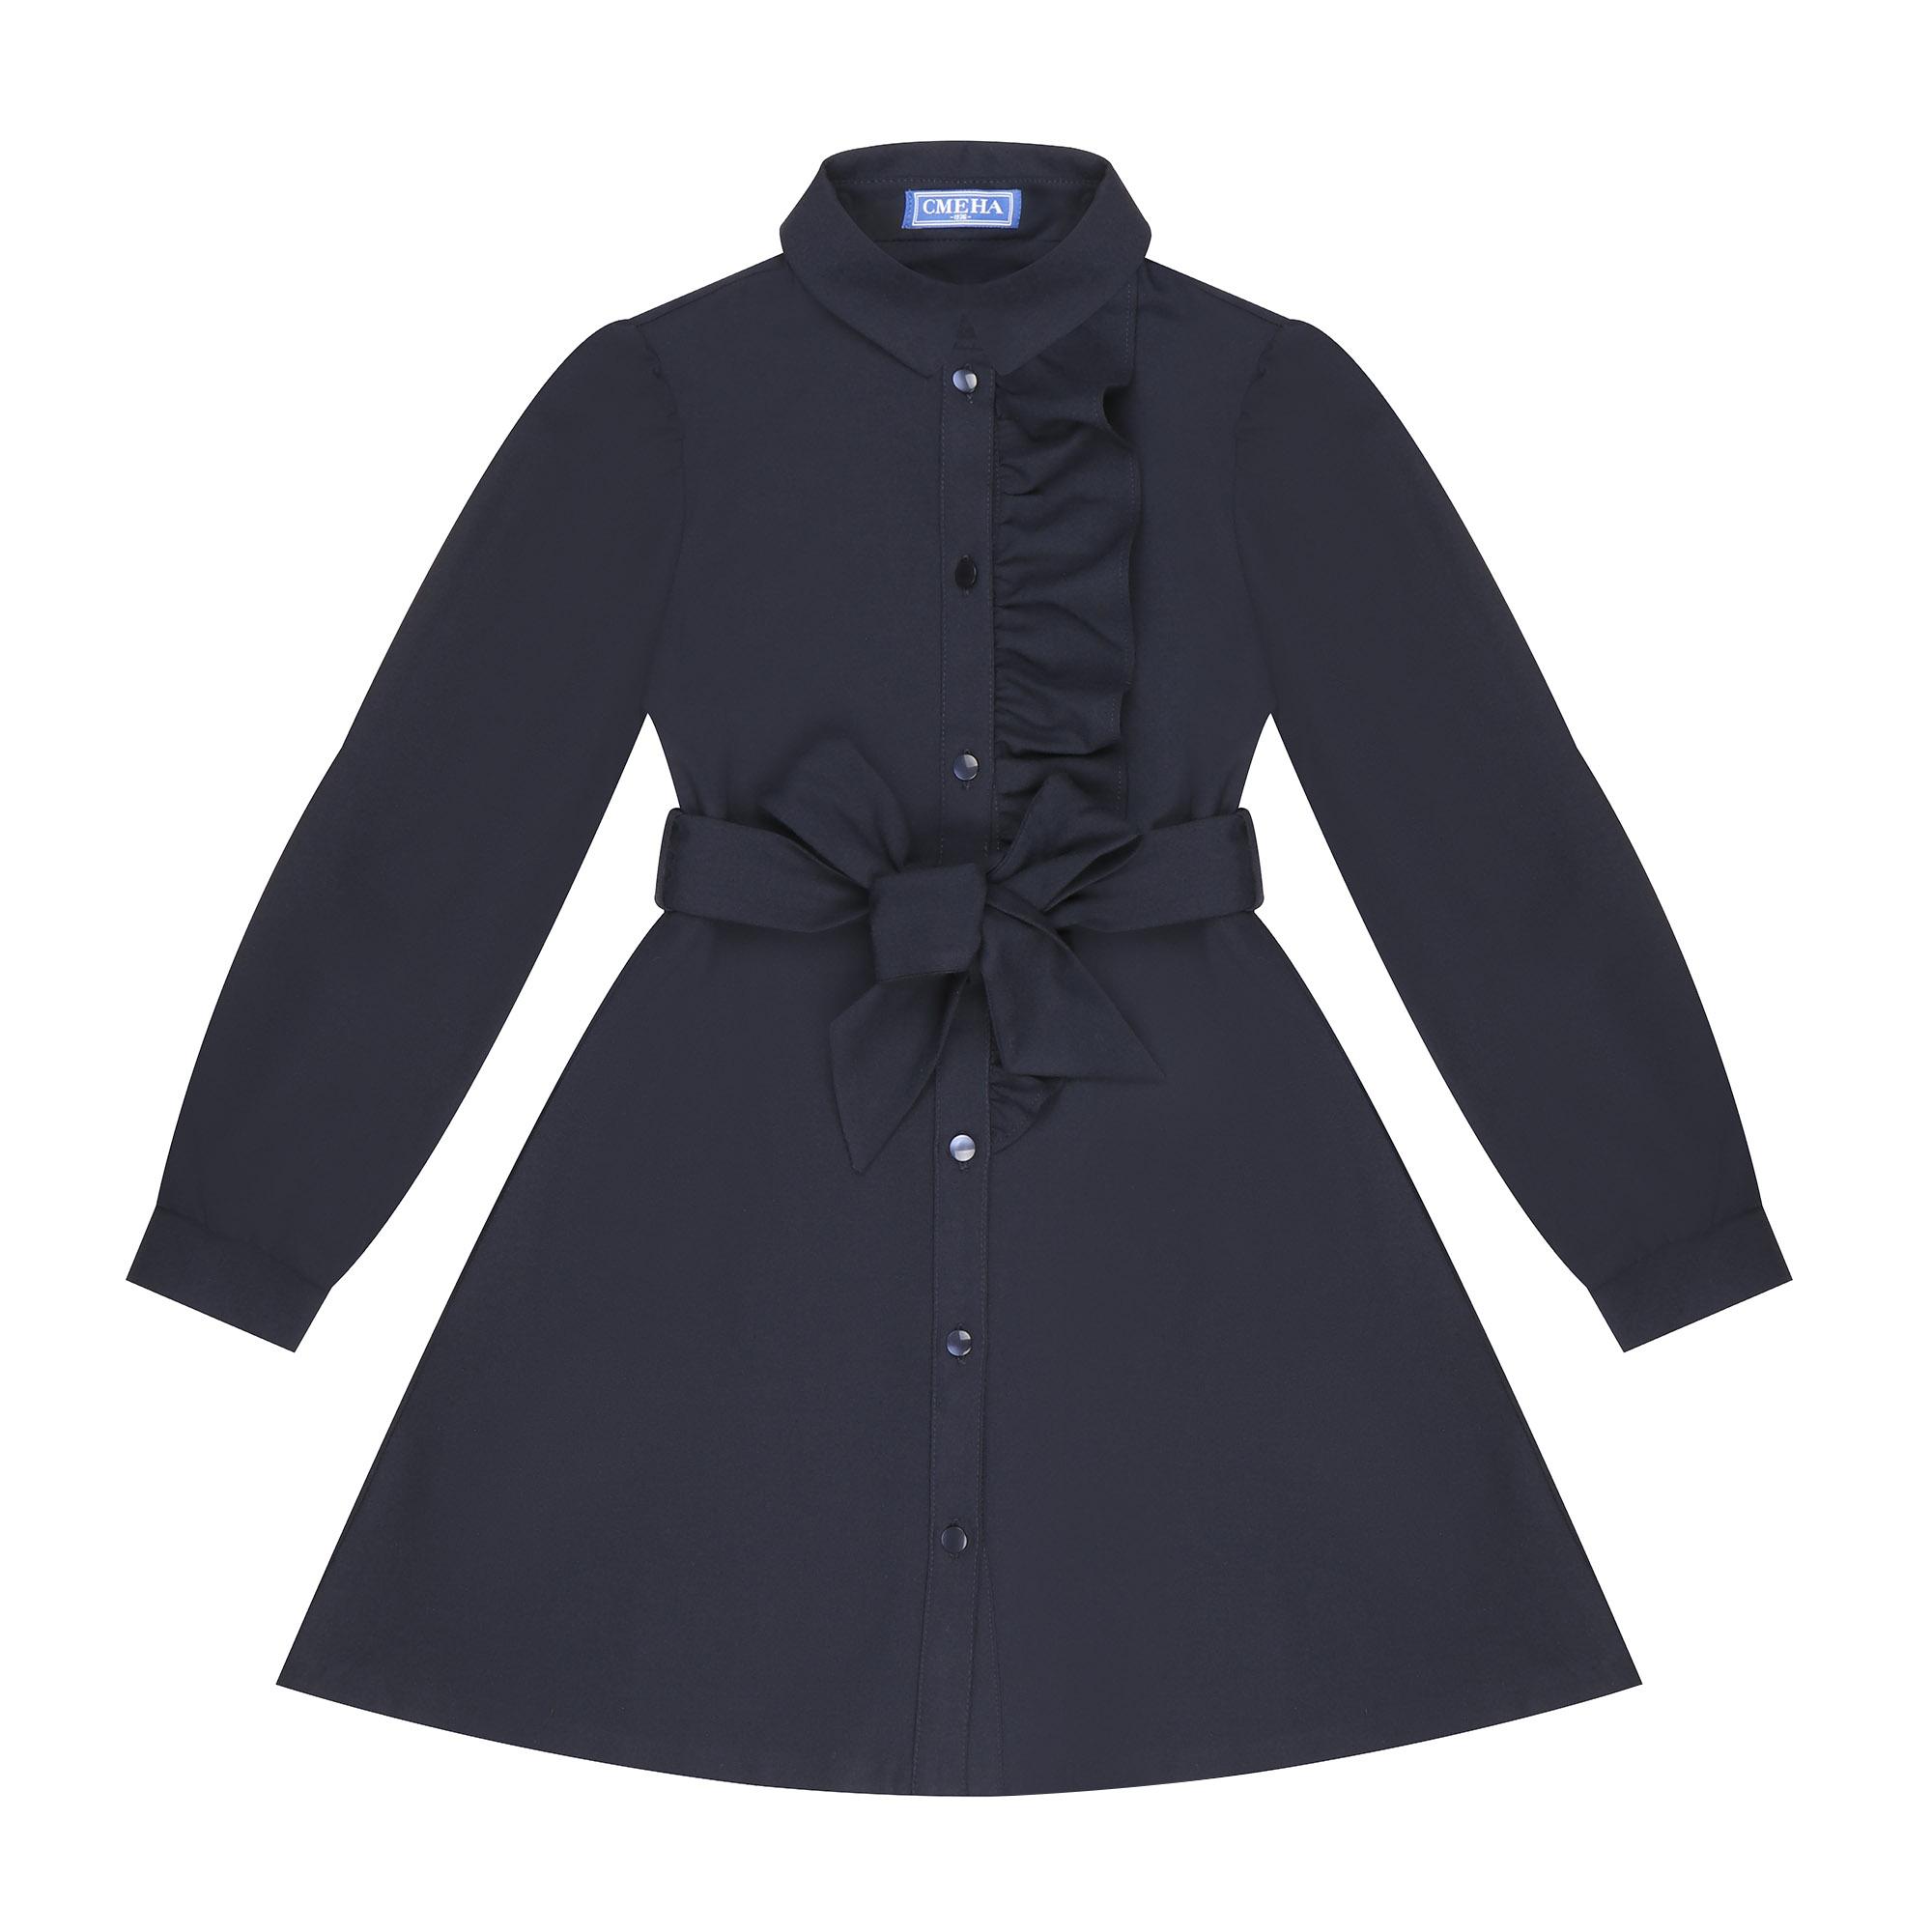 Купить Платье школьное Смена 10004 синее 164/84, Smena/Смена, Синий, Для девочек,